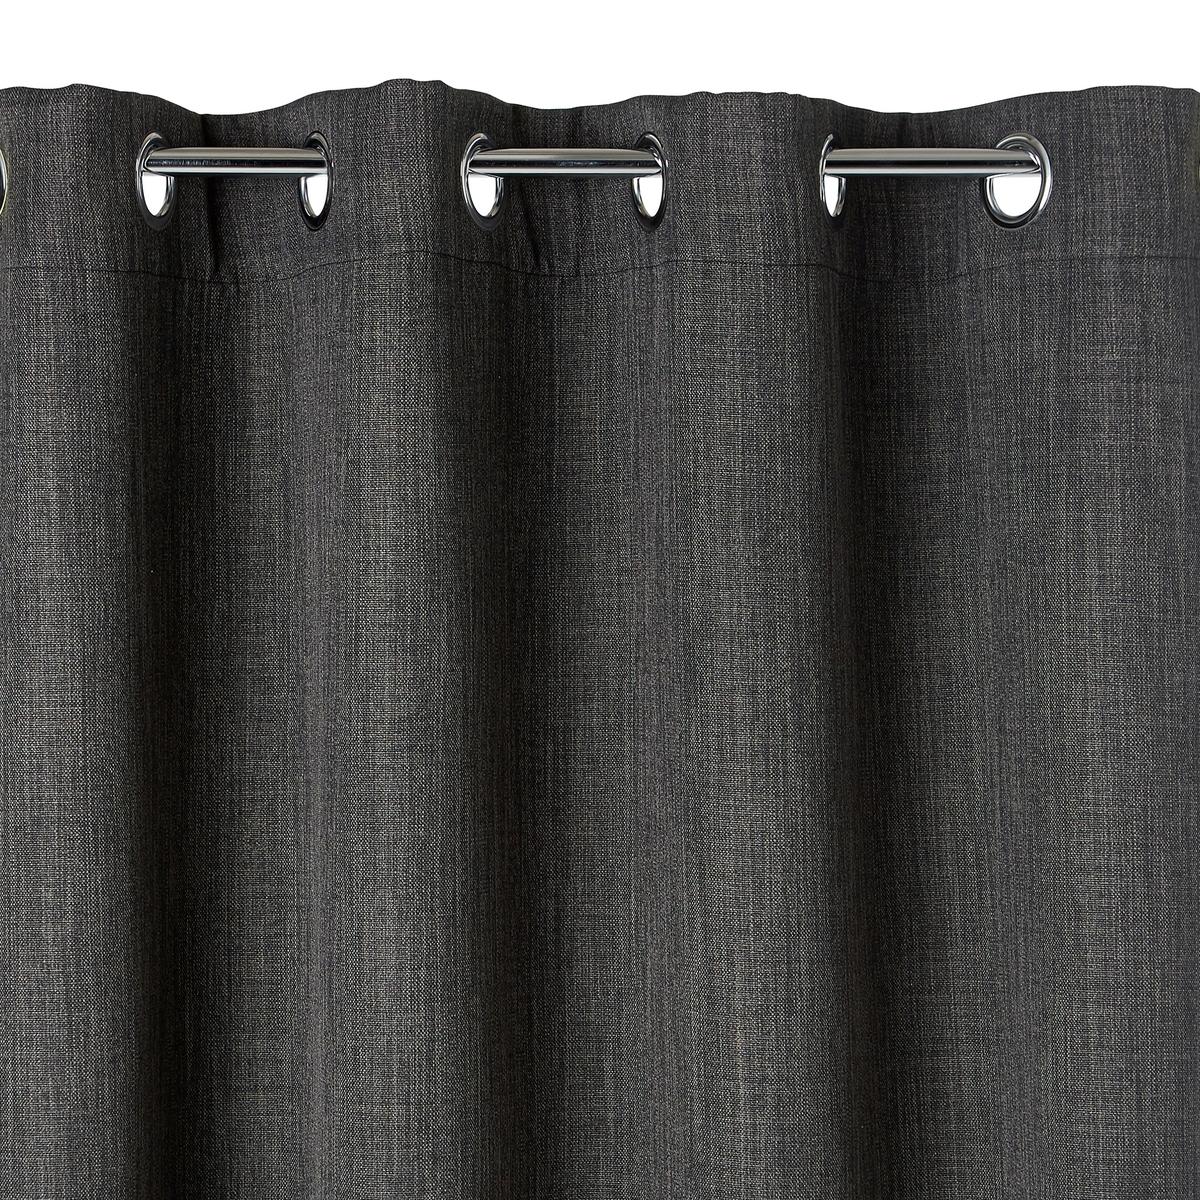 Штора La Redoute Затемняющая с люверсами EXURIE 180 x 140 см серый штора с люверсами 100% хлопок aron